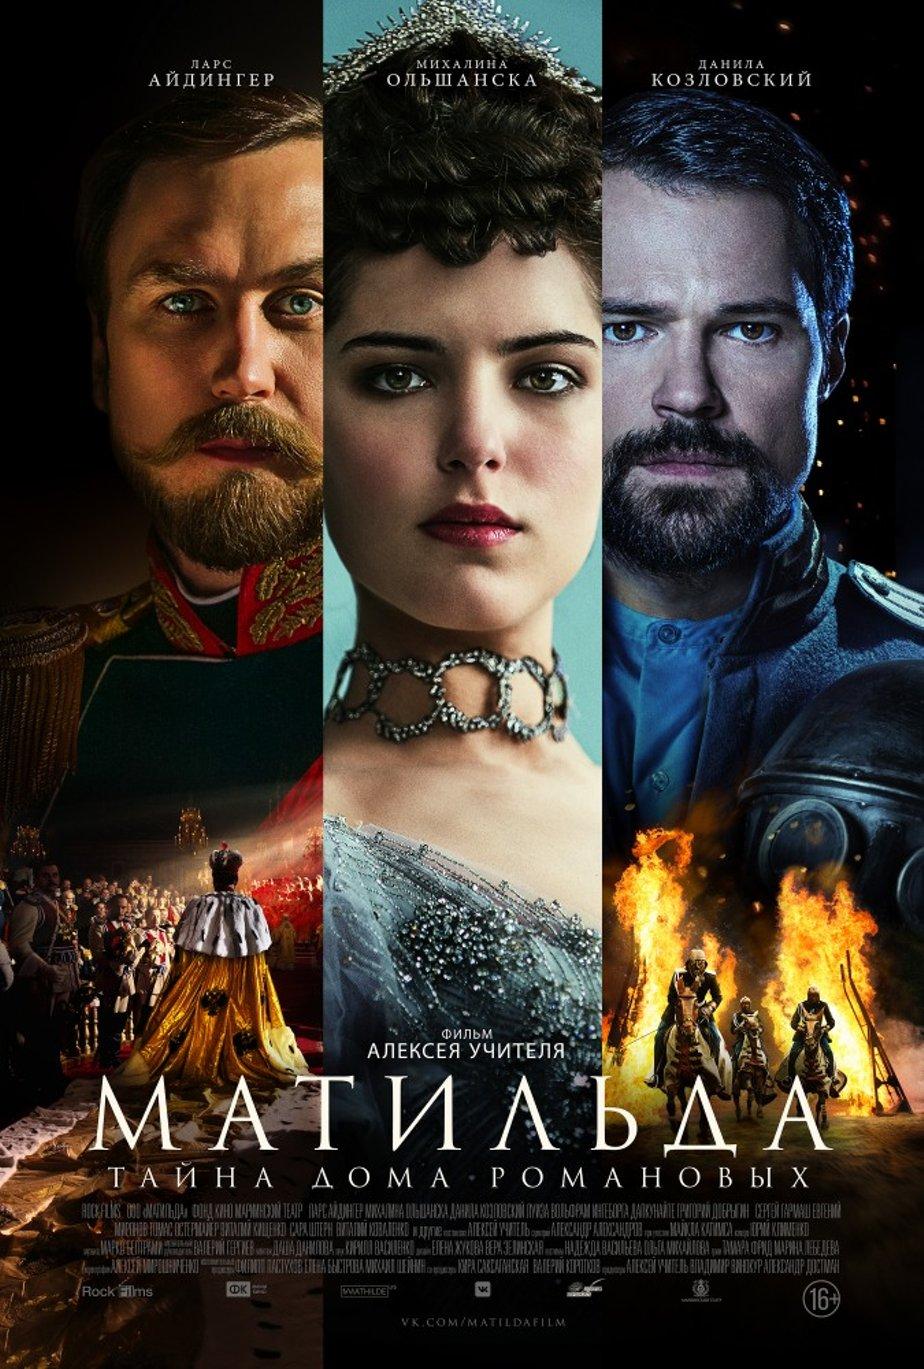 Матильда фильм 2018 смотреть